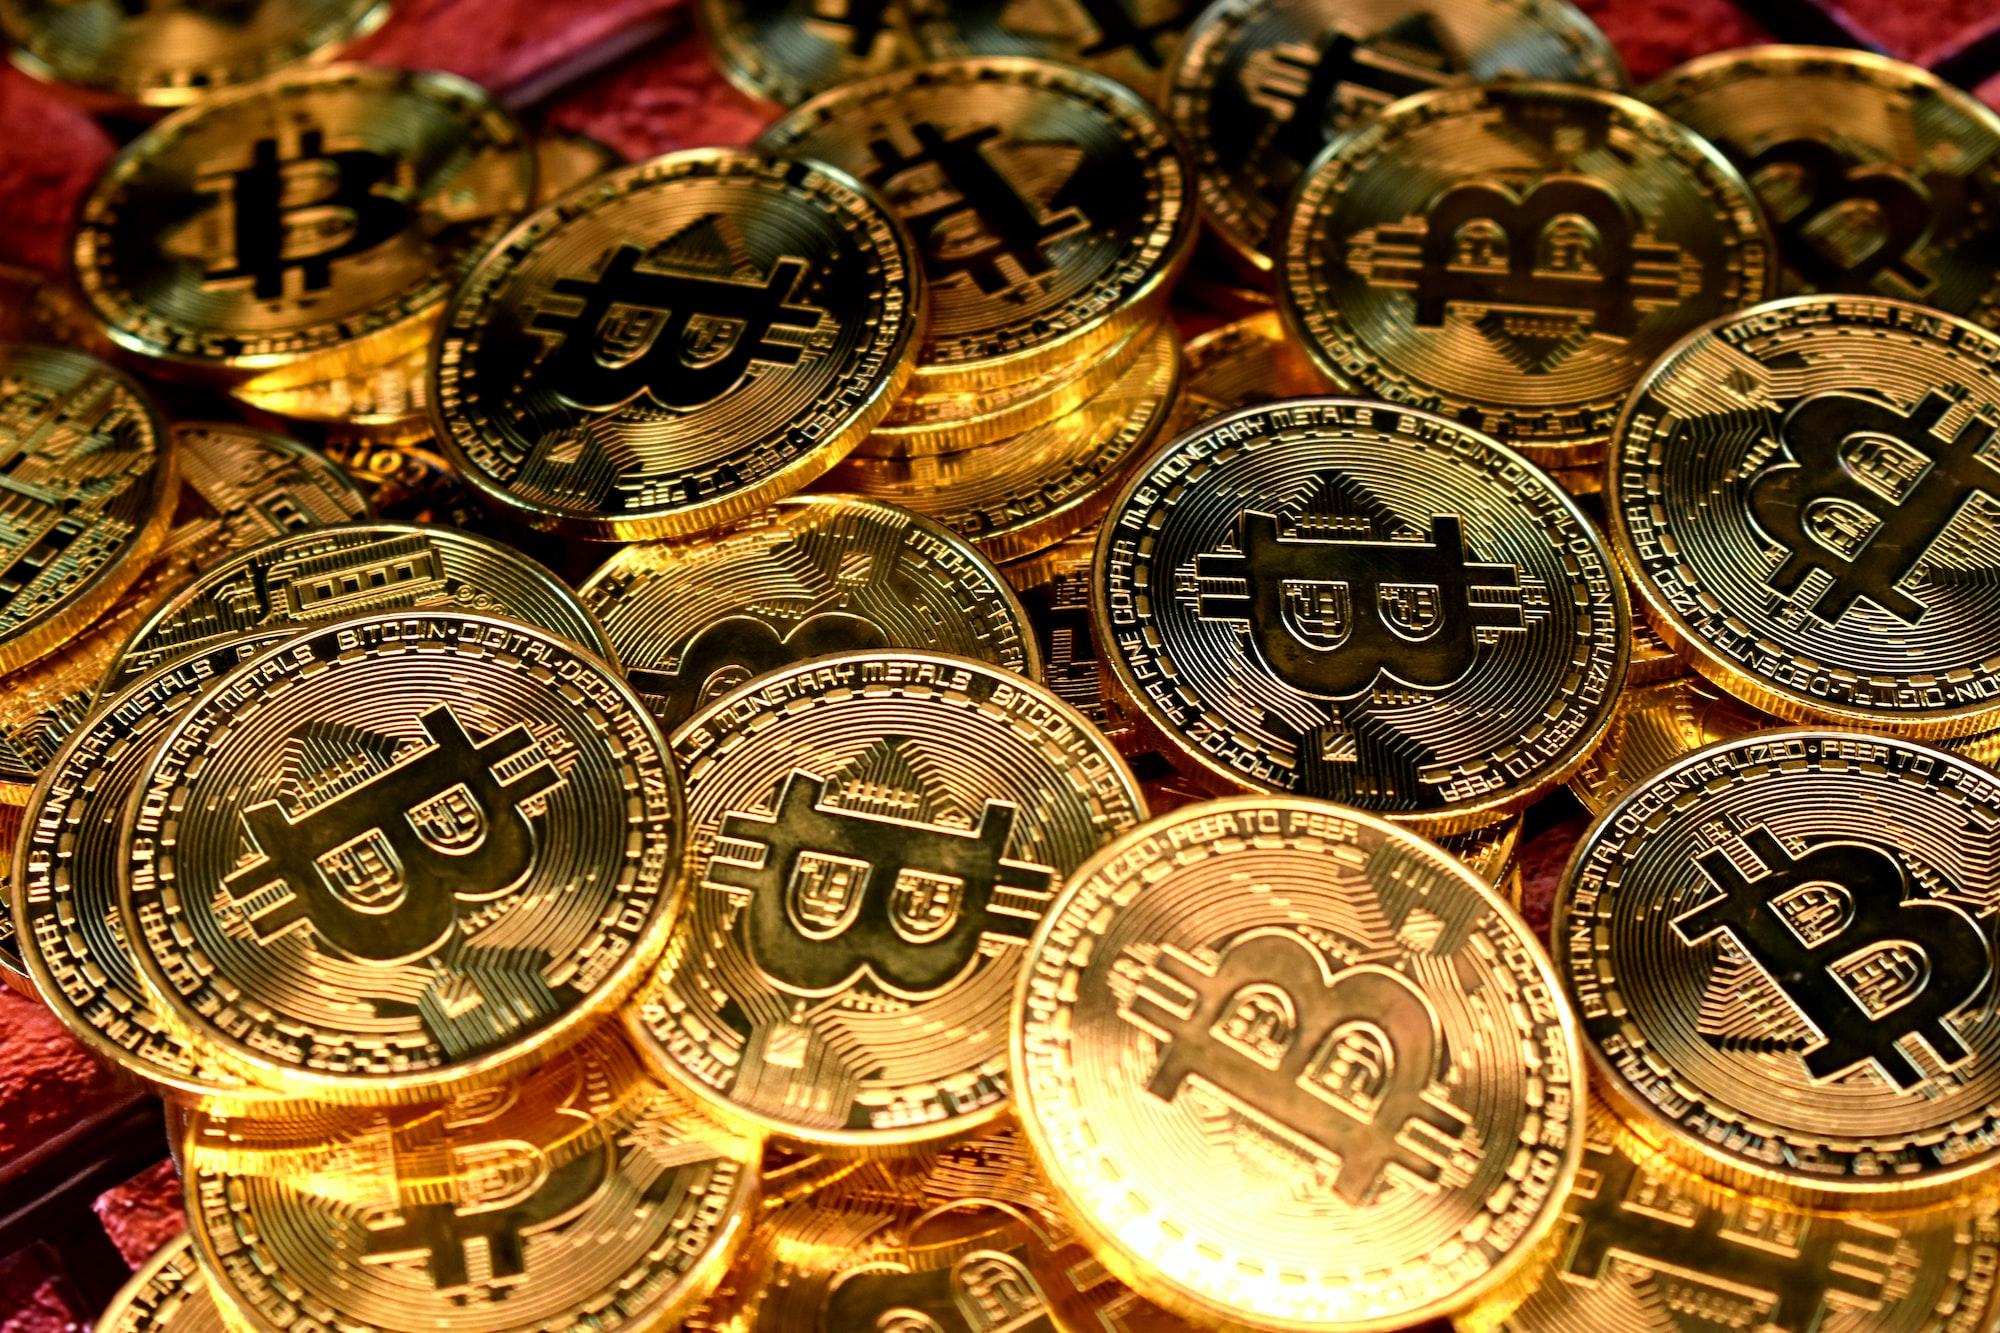 มือใหม่แห่เทขาย Bitcoin ขณะที่นักลงทุน BTC ระยะยาวมองว่ามันจะโตได้อีก!